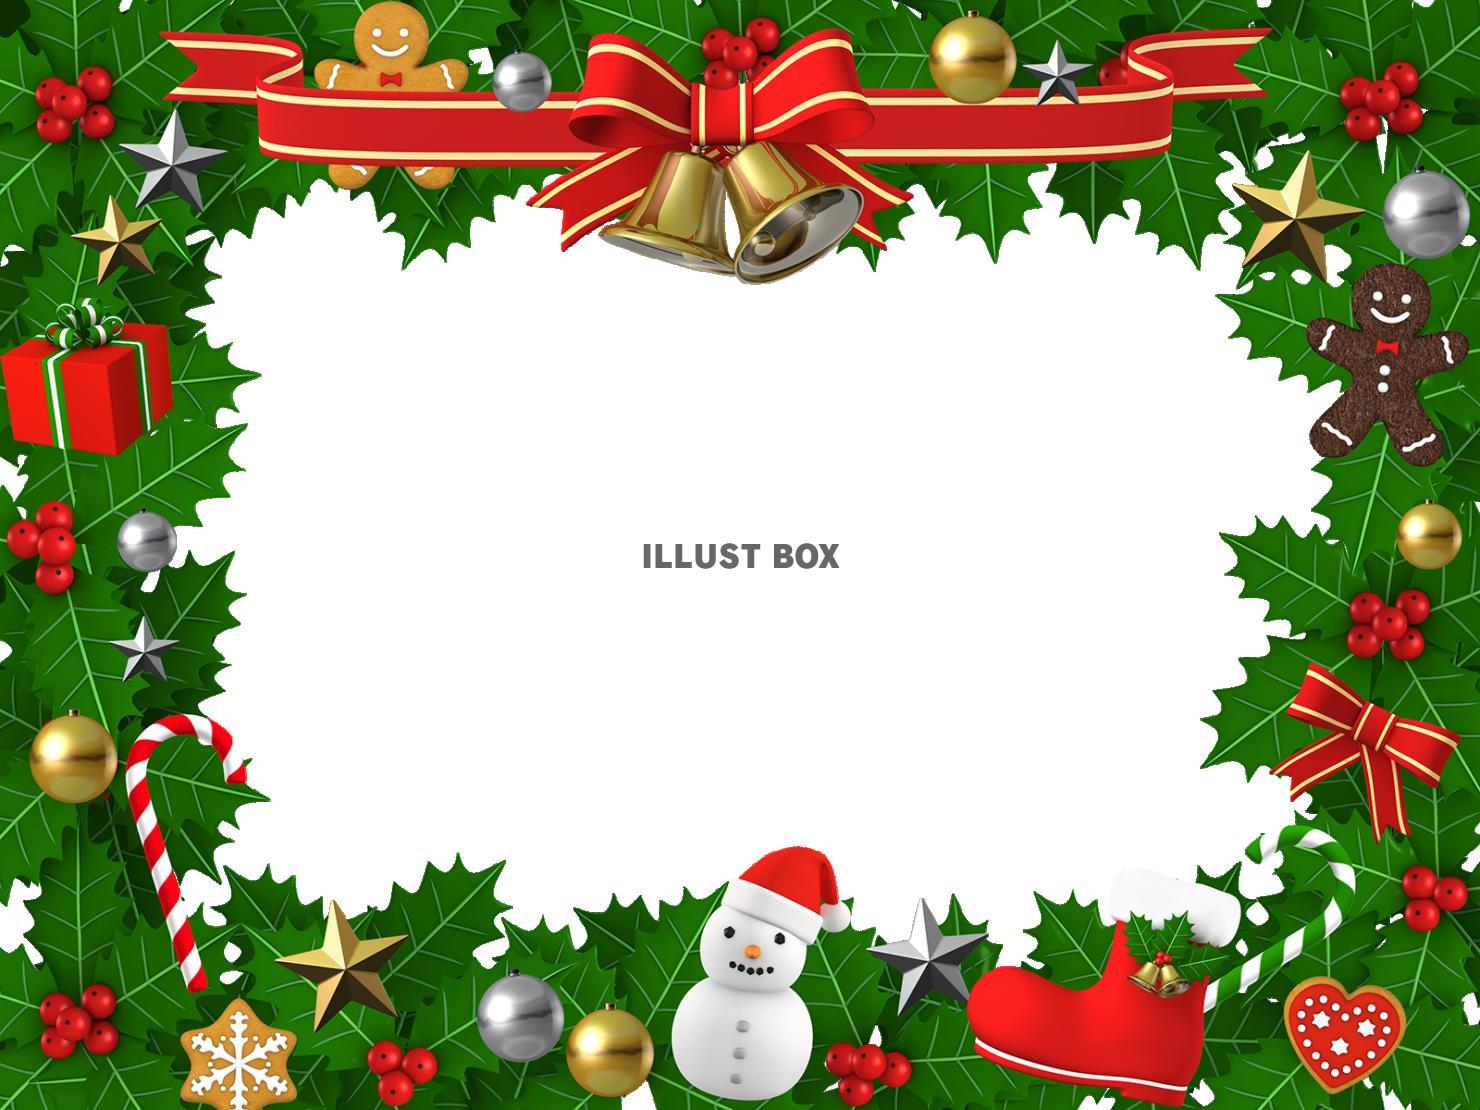 無料イラスト 楽しいクリスマスフレーム 3dイラスト01